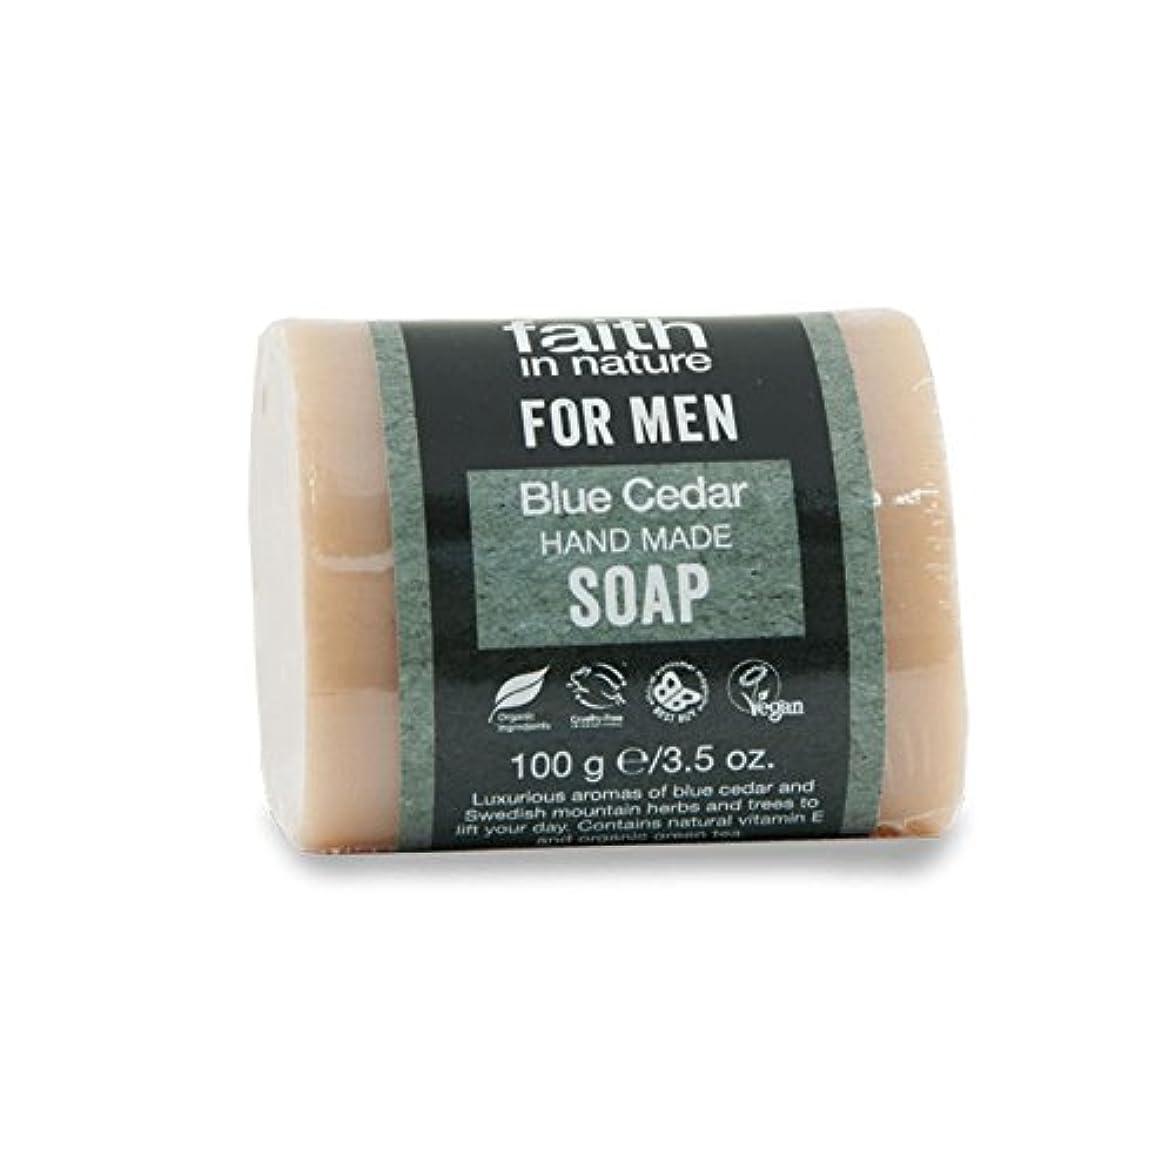 ビザブリーク無駄にFaith in Nature for Men Blue Cedar Soap 100g (Pack of 6) - 男性青杉の石鹸100グラムのための自然の中で信仰 (x6) [並行輸入品]